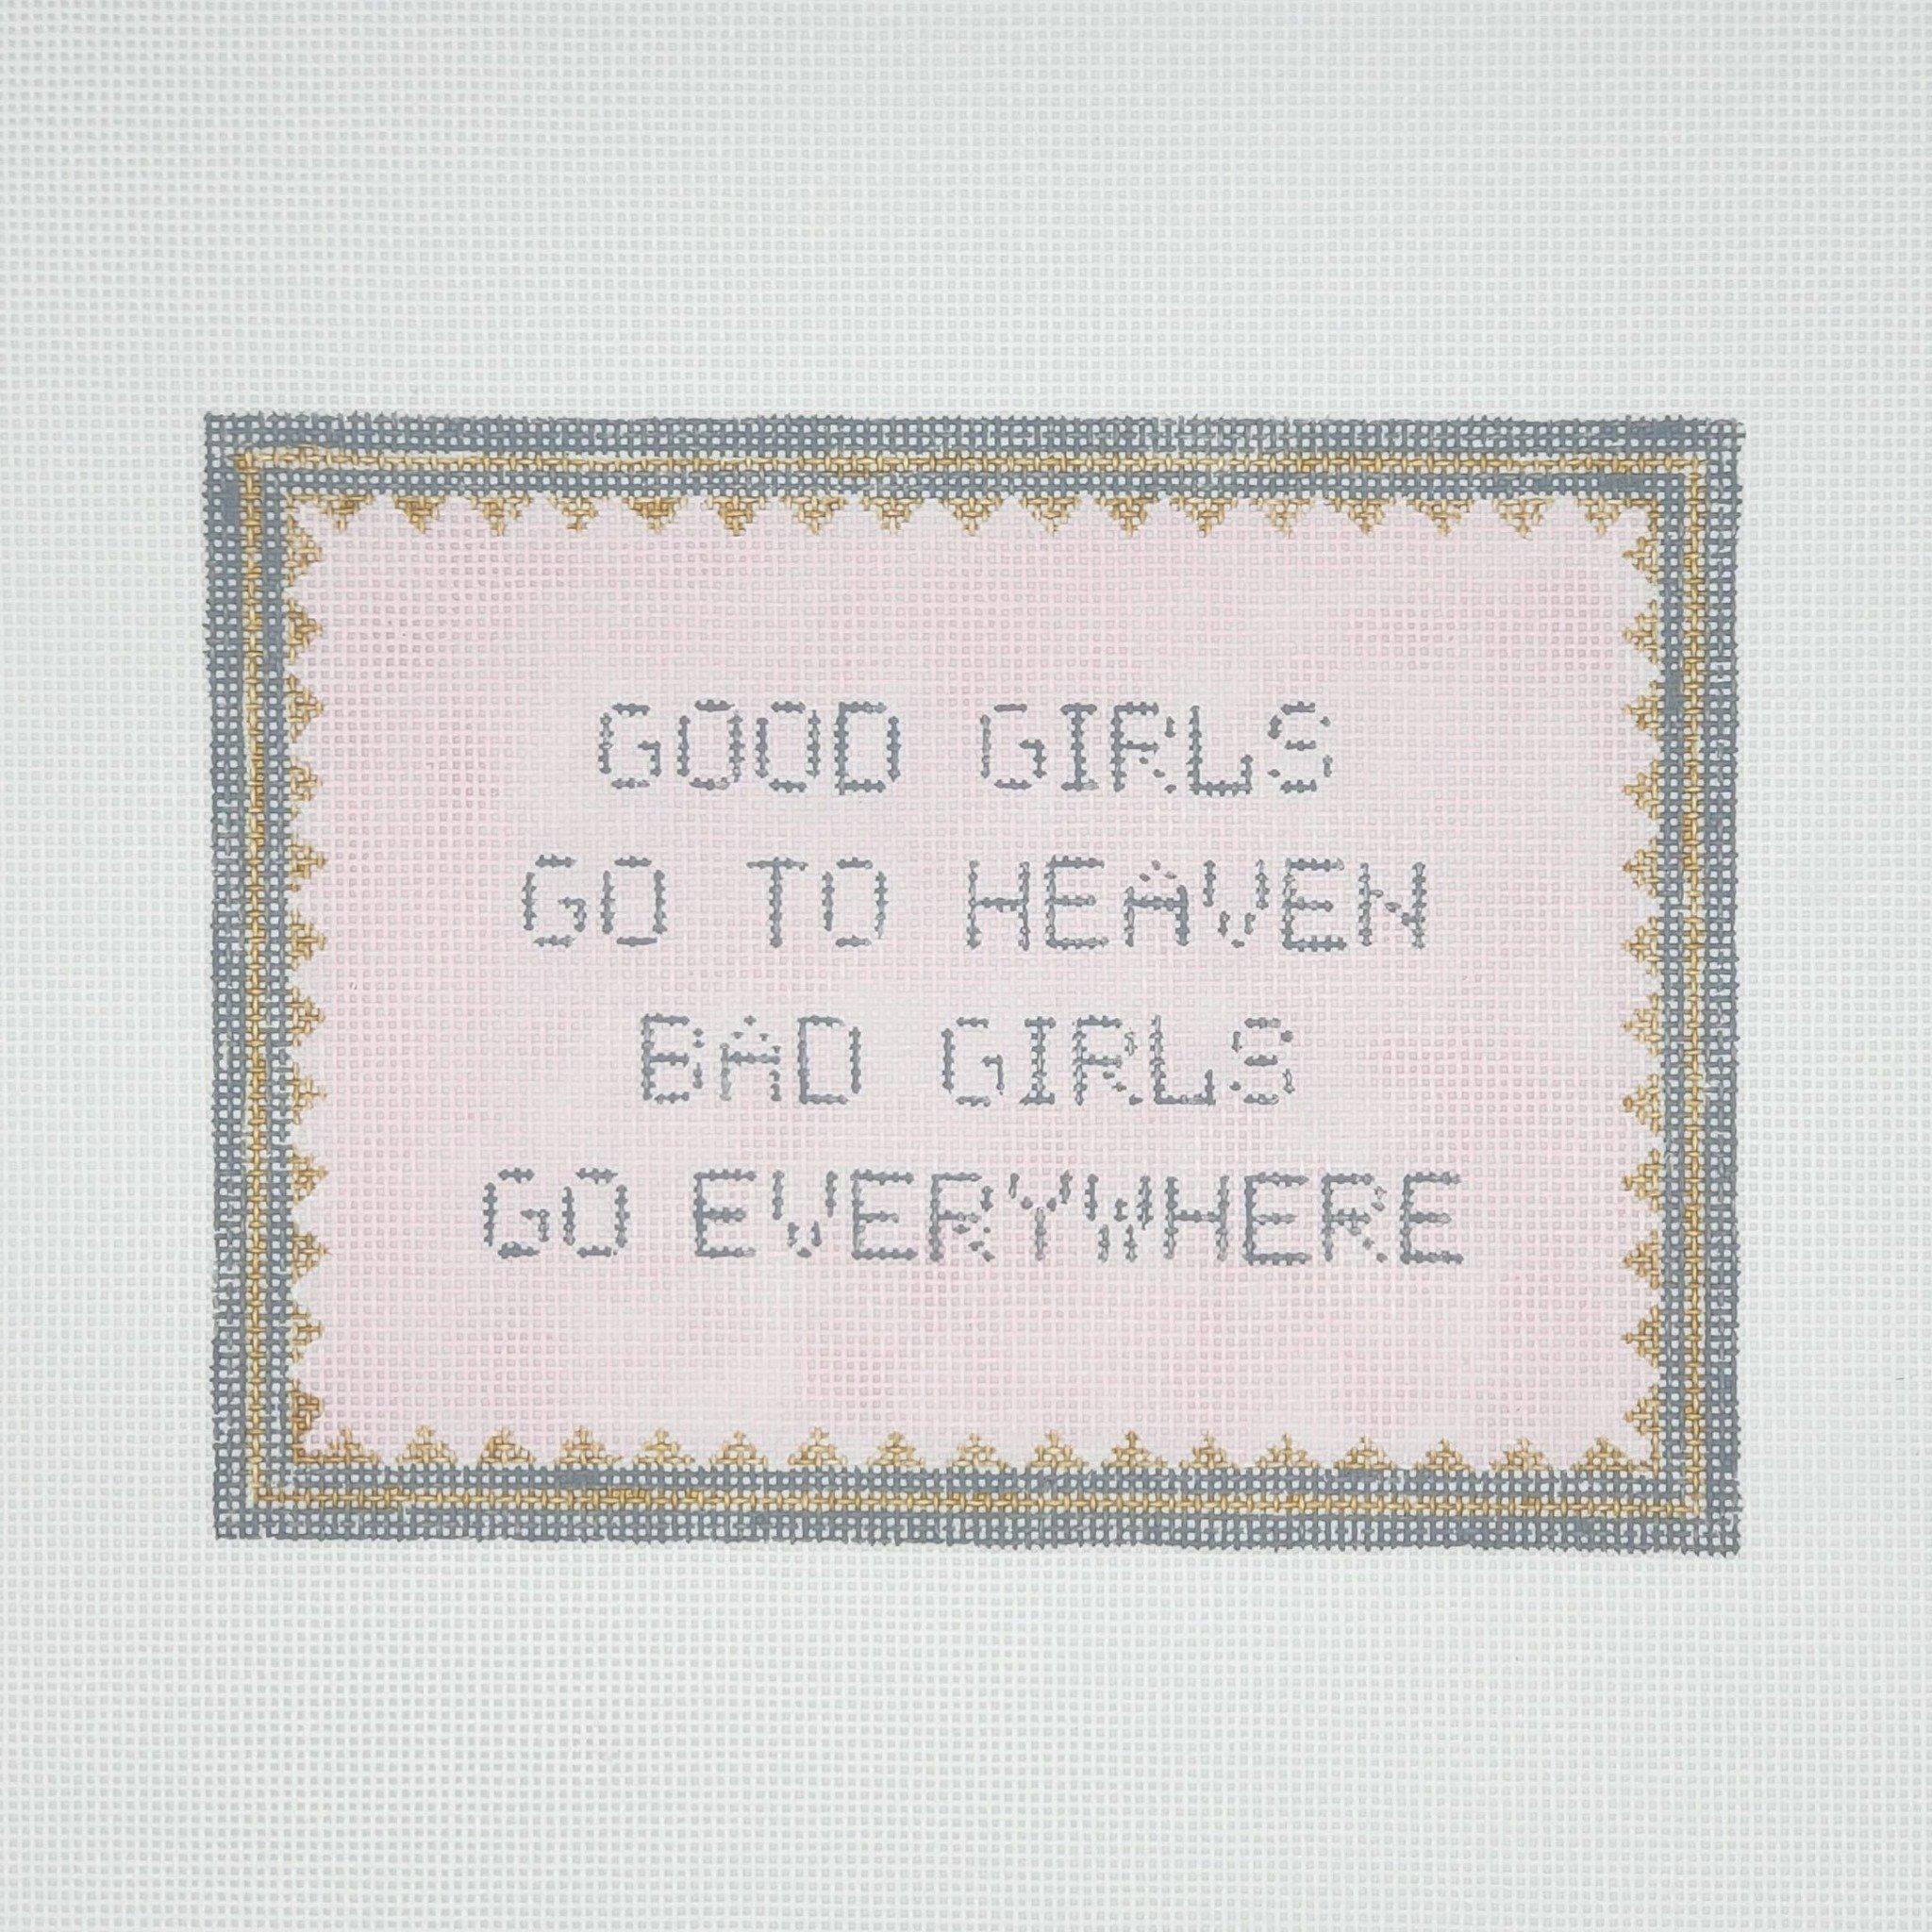 Good Girls Go to Heaven, Bad Girls Go Everywhere